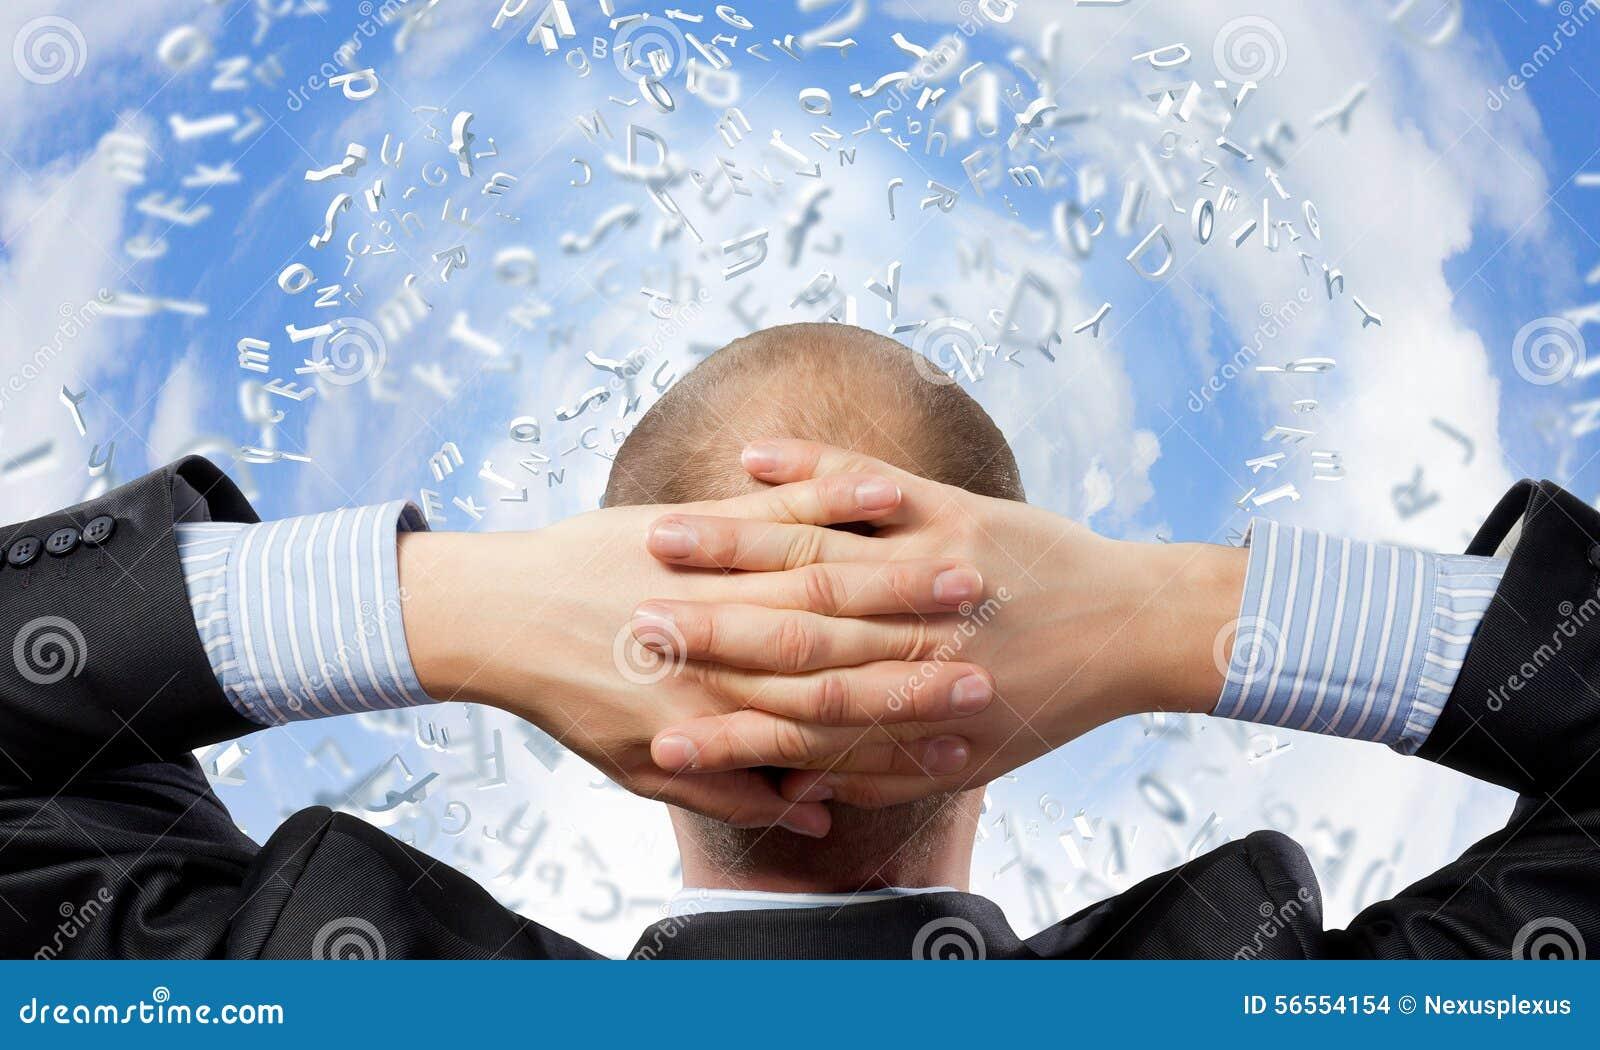 Download Επιχειρηματίας και πετώντας γρίφος Στοκ Εικόνες - εικόνα από μύγα, βρείτε: 56554154